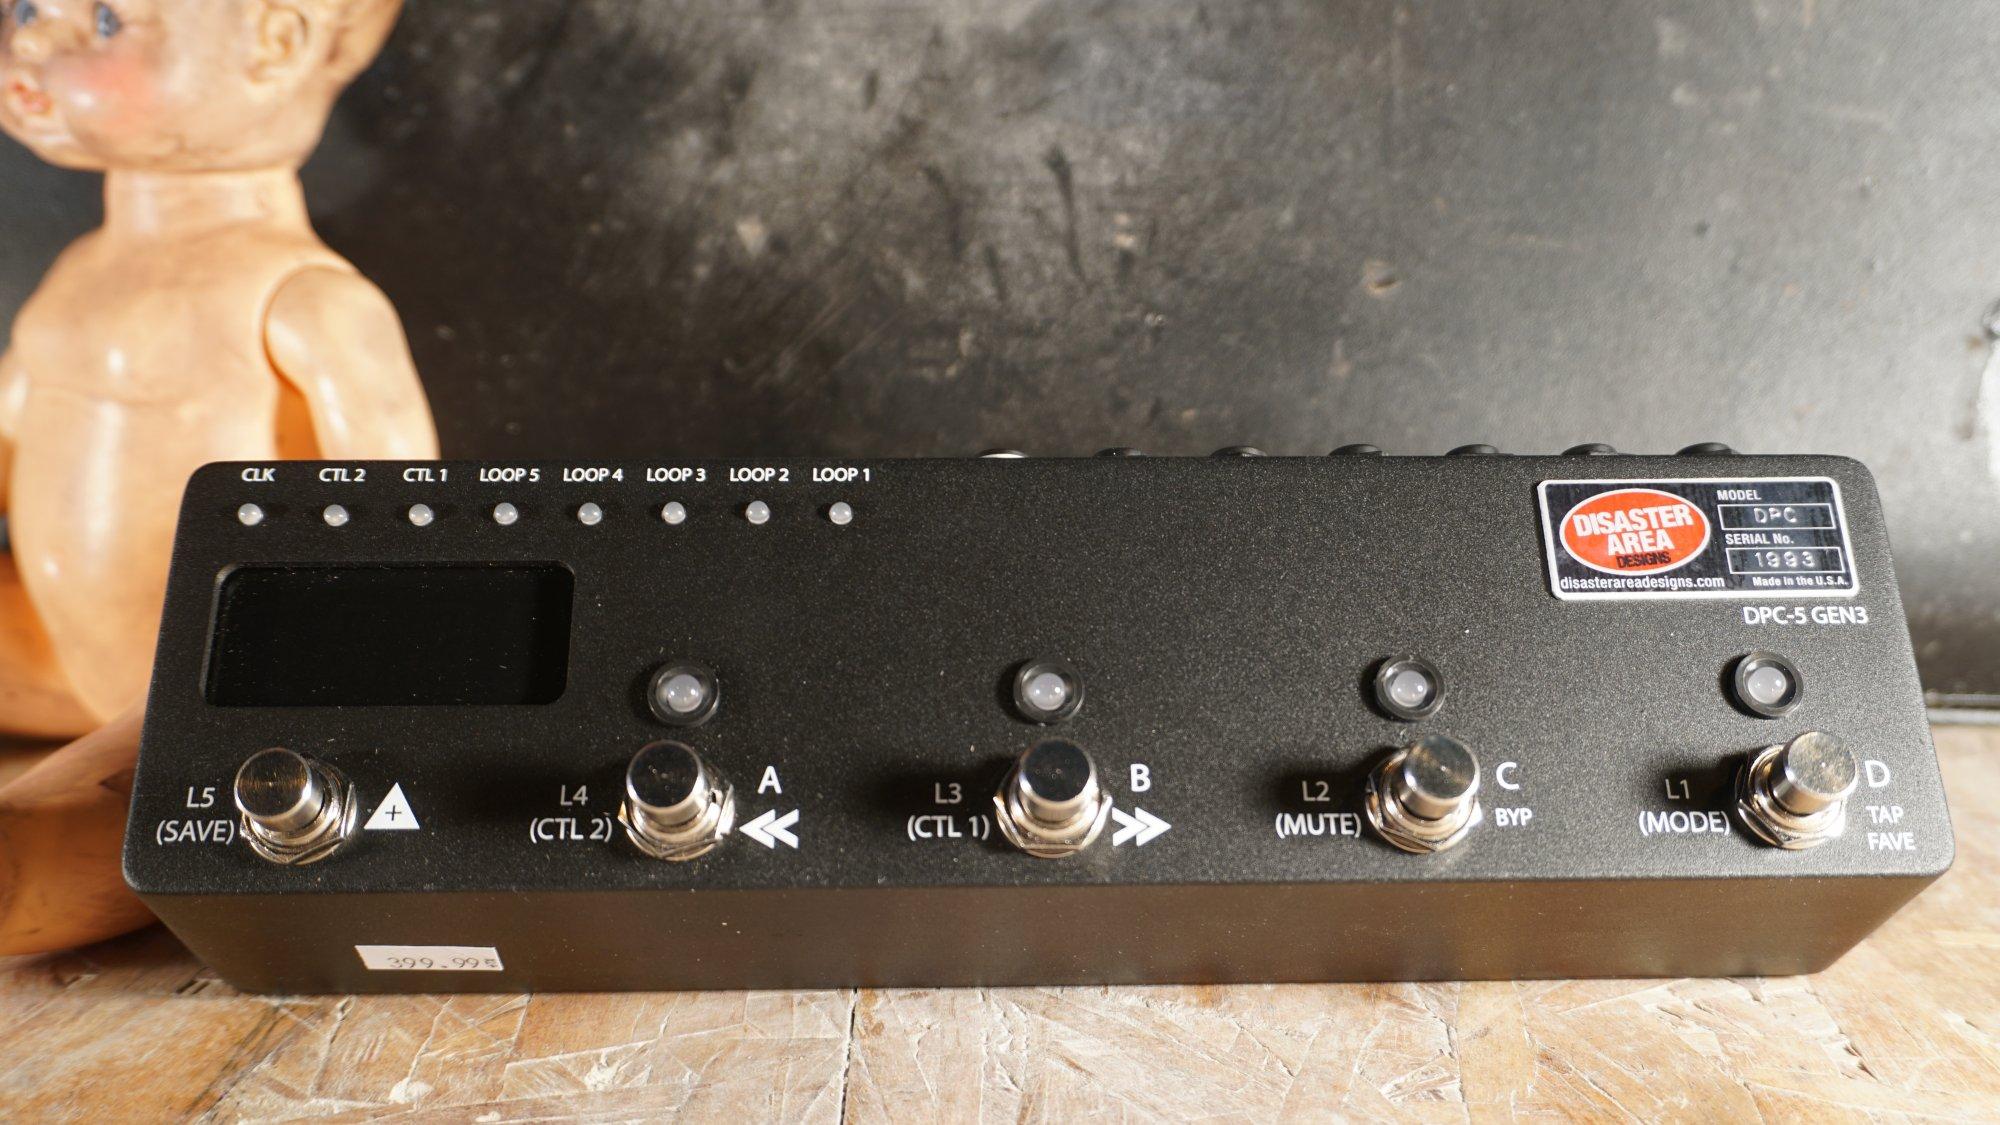 DPC-5